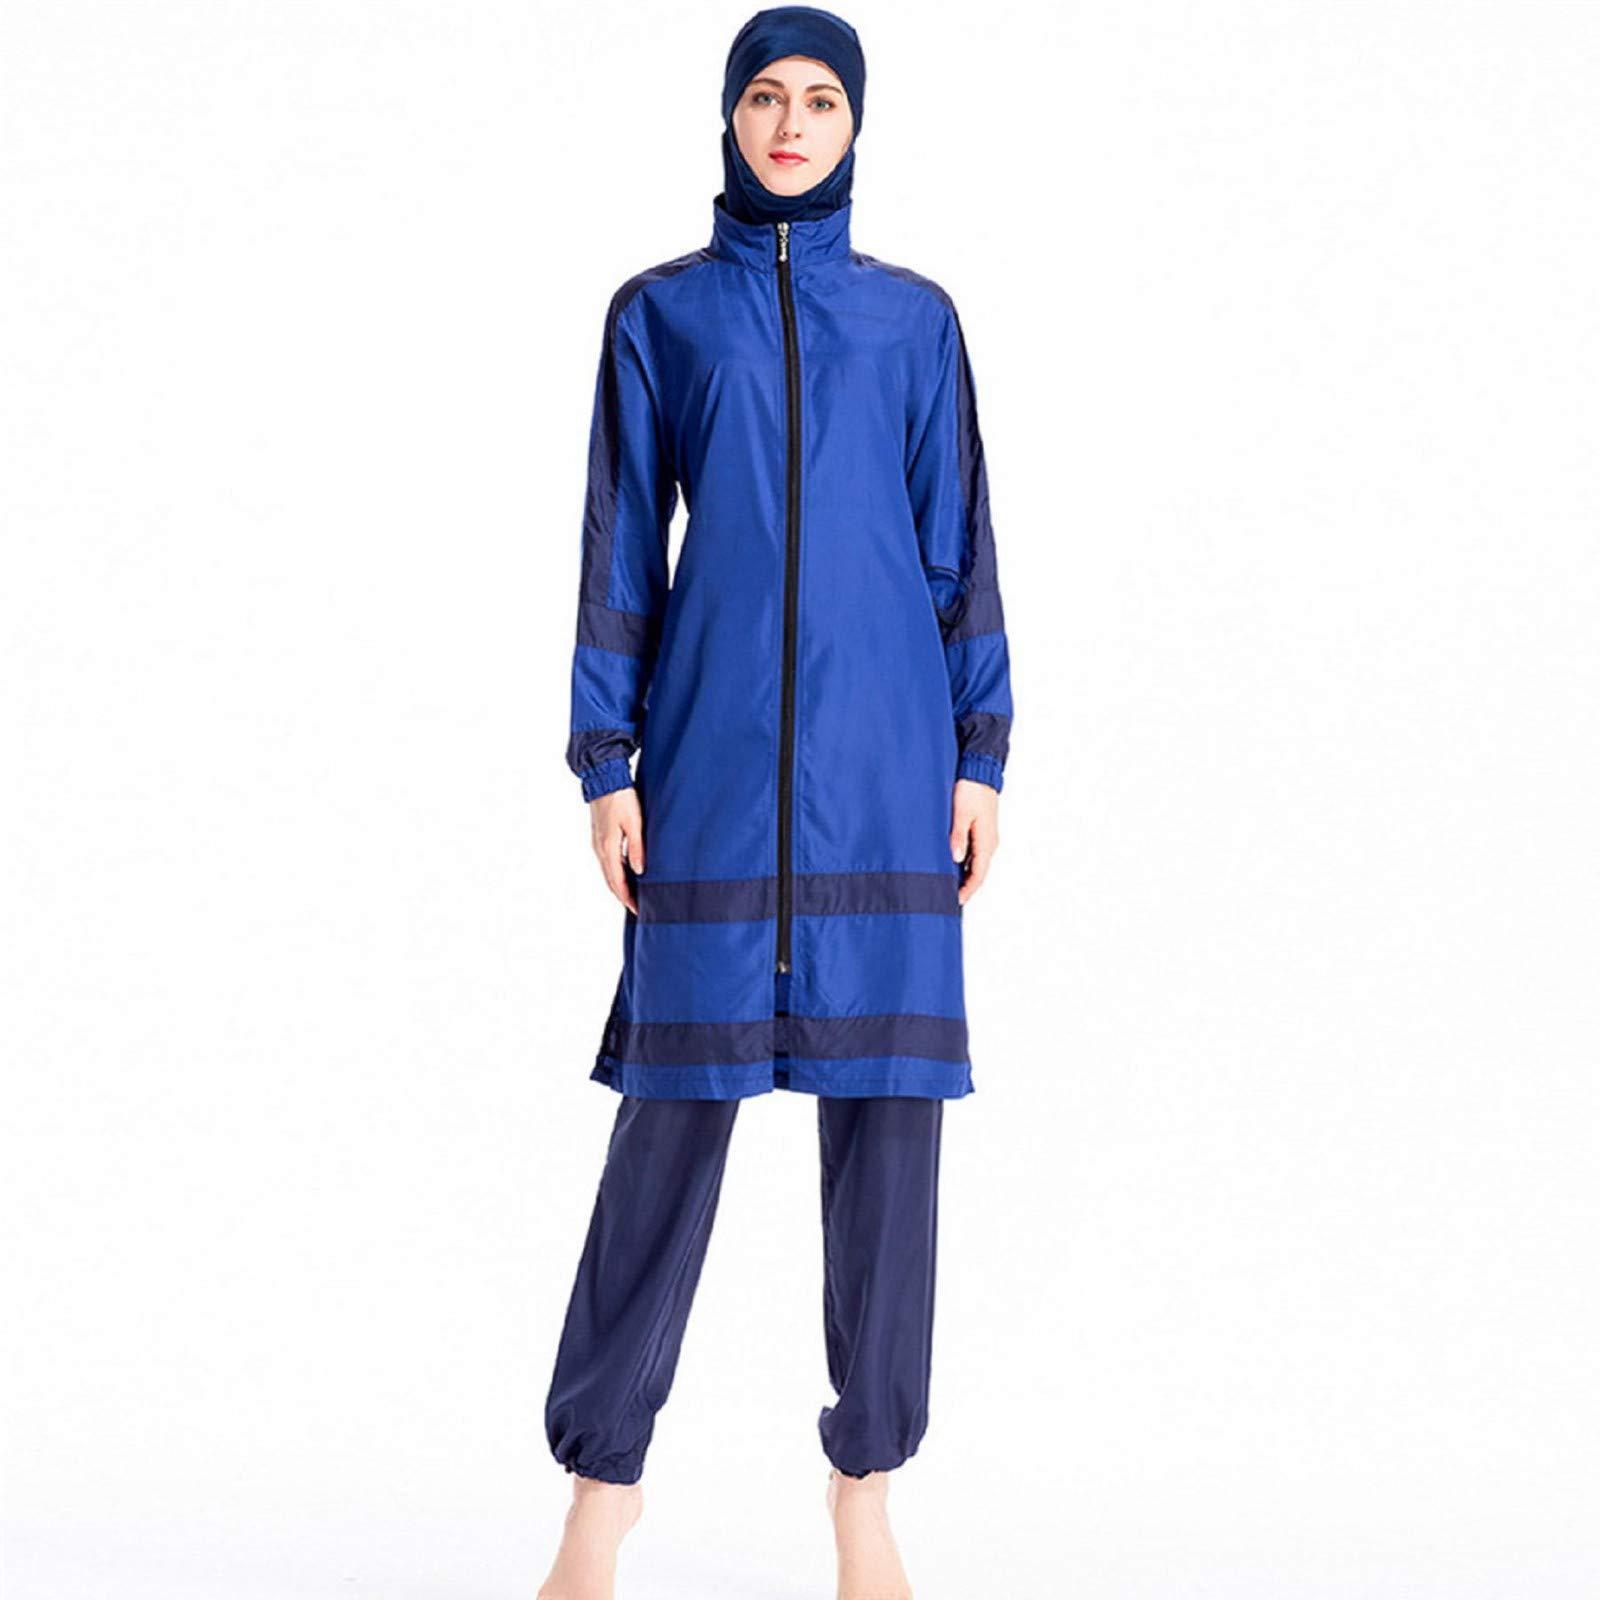 Muslim Swimwear for Women,Women Muslim Bathing Suit + Cap + Pants by GUTTEAR